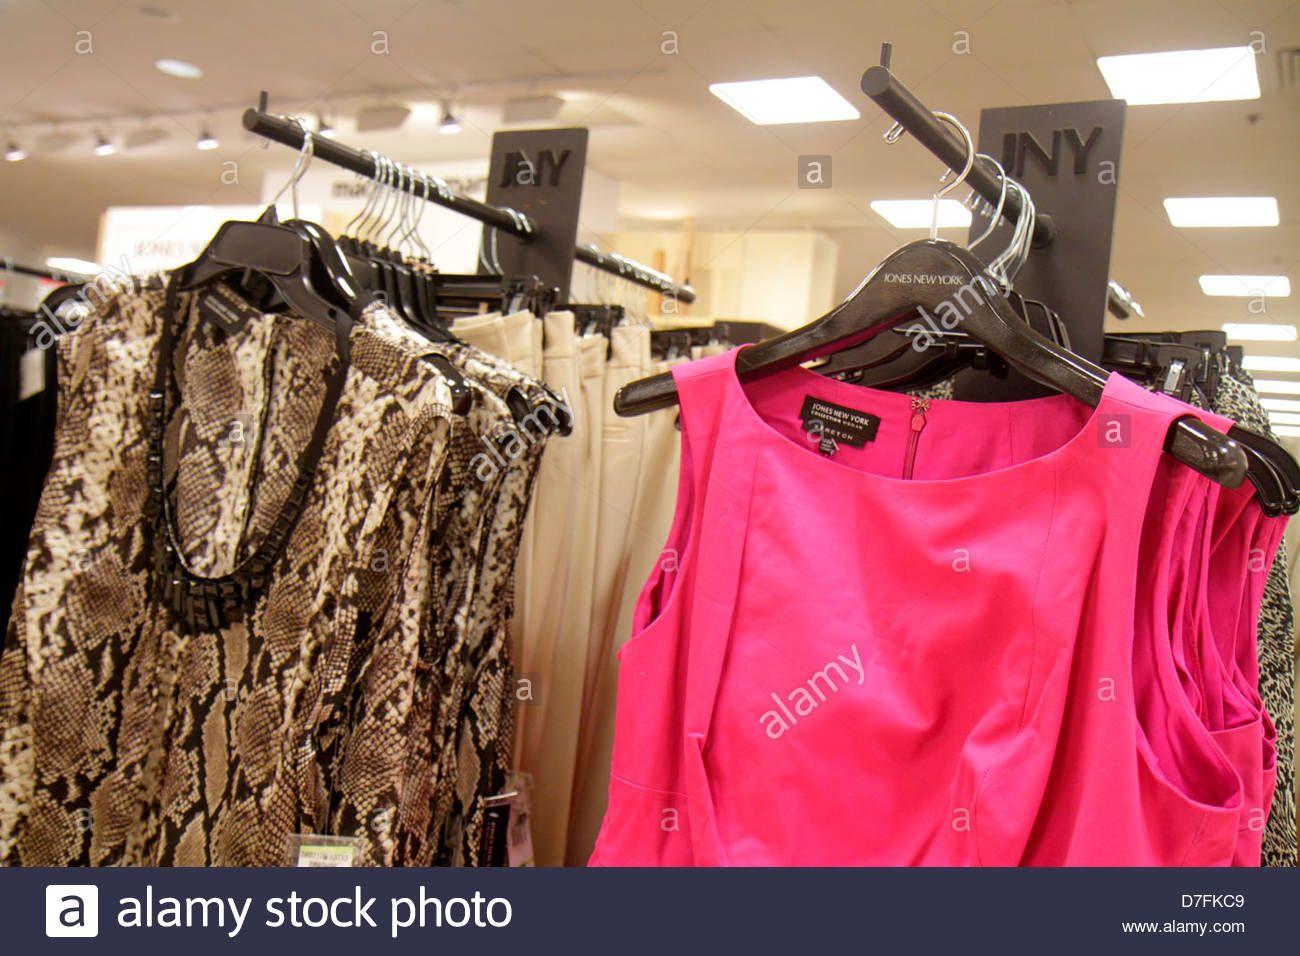 e11ab15ec81f Miami Florida Dadeland Mall shopping for sale Macy's department store  interior women's clothing fashion retail display racks Jon Stock Photo